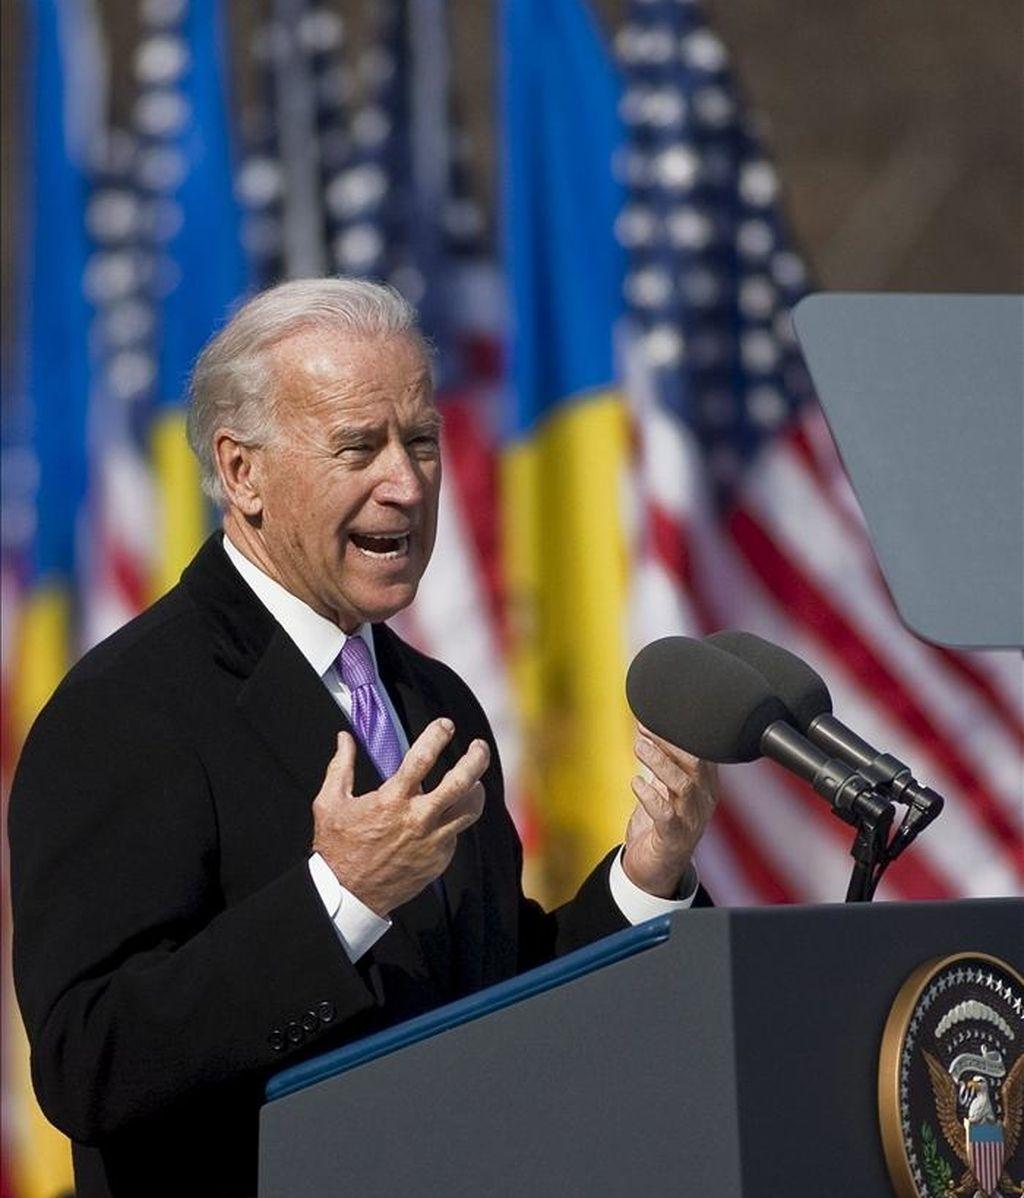 El vicepresidente estadounidese, Joseph Biden, durante un discurso en la plaza de la Ópera Nacional, en el centro de Chisinau (Moldavia), el 11 de marzo de 2011. EFE/Archivo